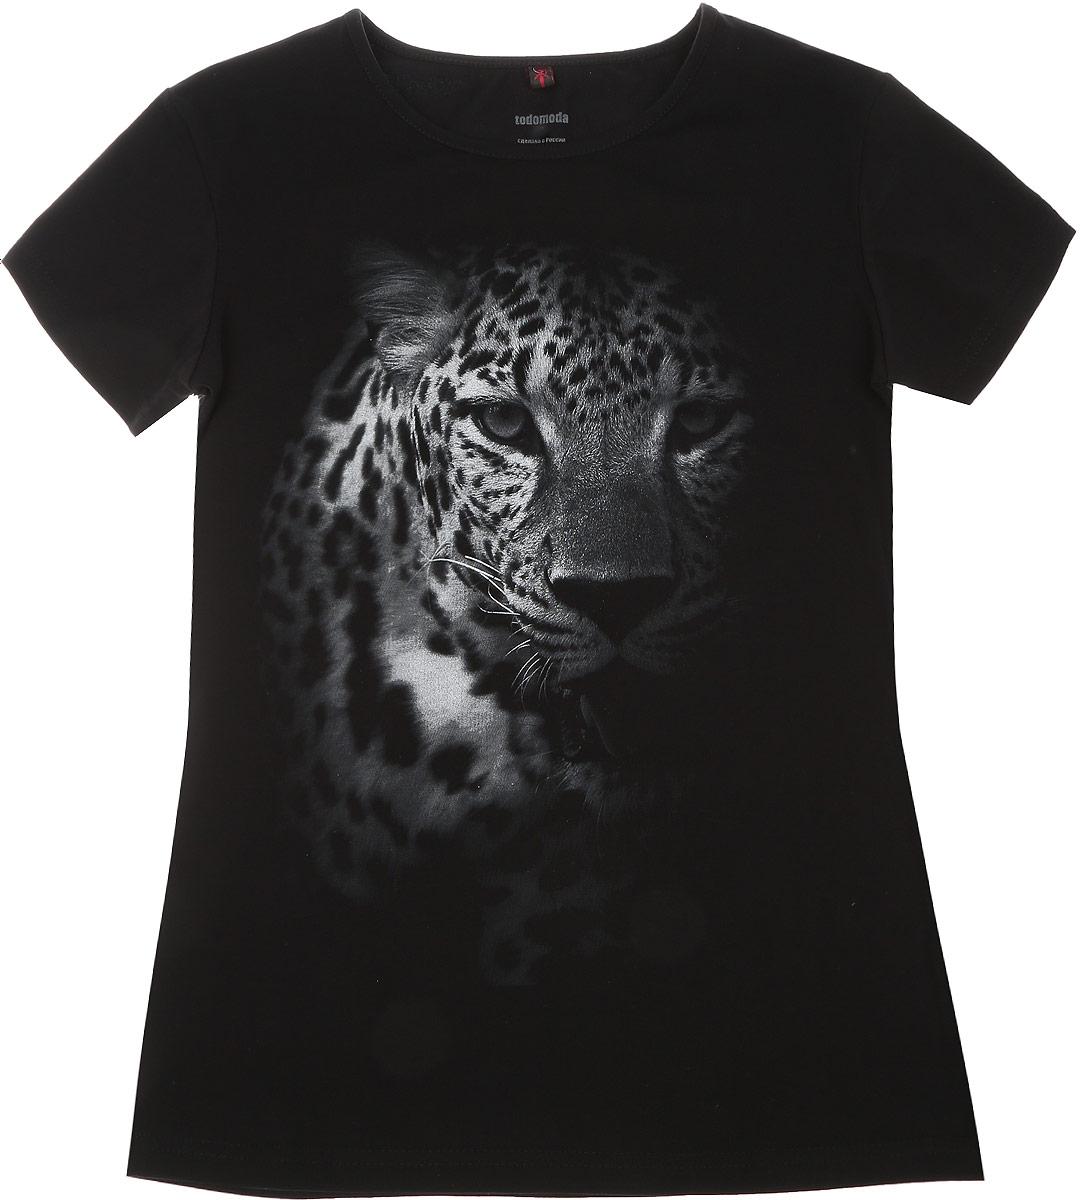 01169_ЛеопардЖенская футболка Todomoda Леопард, изготовленная из эластичного хлопка, тактильно приятная и не сковывает движений. Модель с круглым вырезом горловины и короткими рукавами оформлена спереди изображением леопарда. Прекрасный подарок для себя и для подруги.